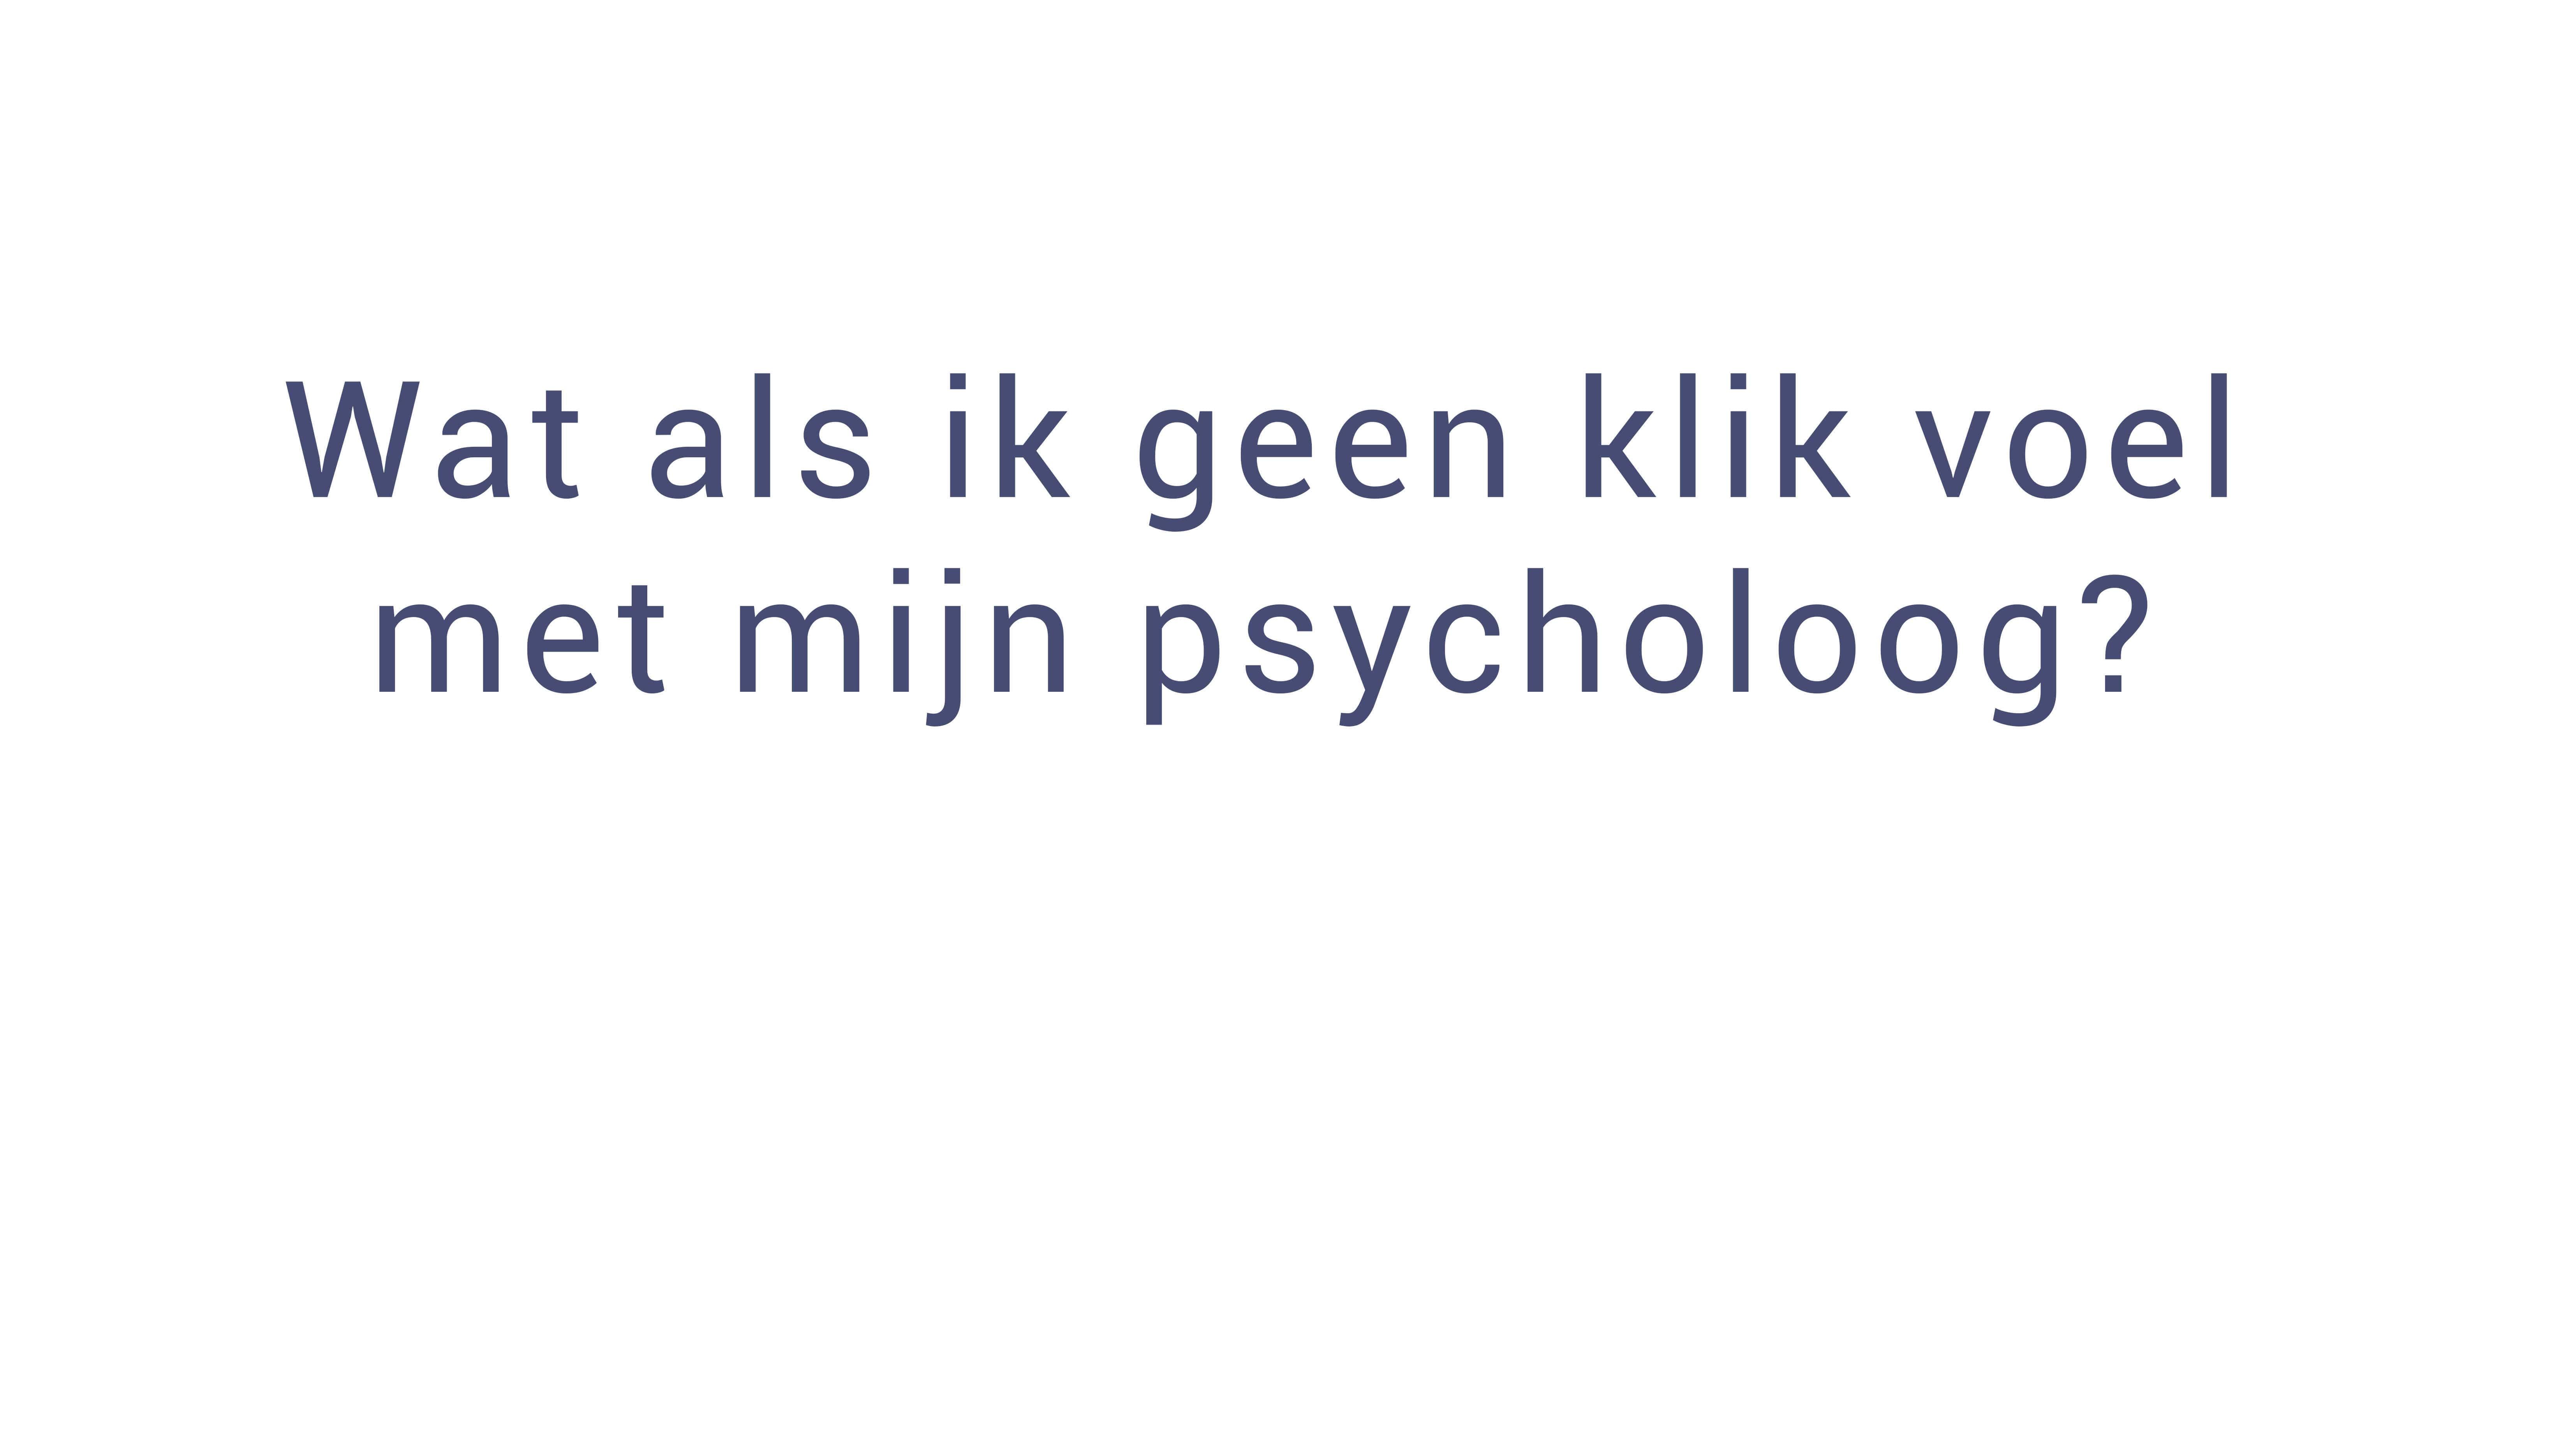 'psycholoog